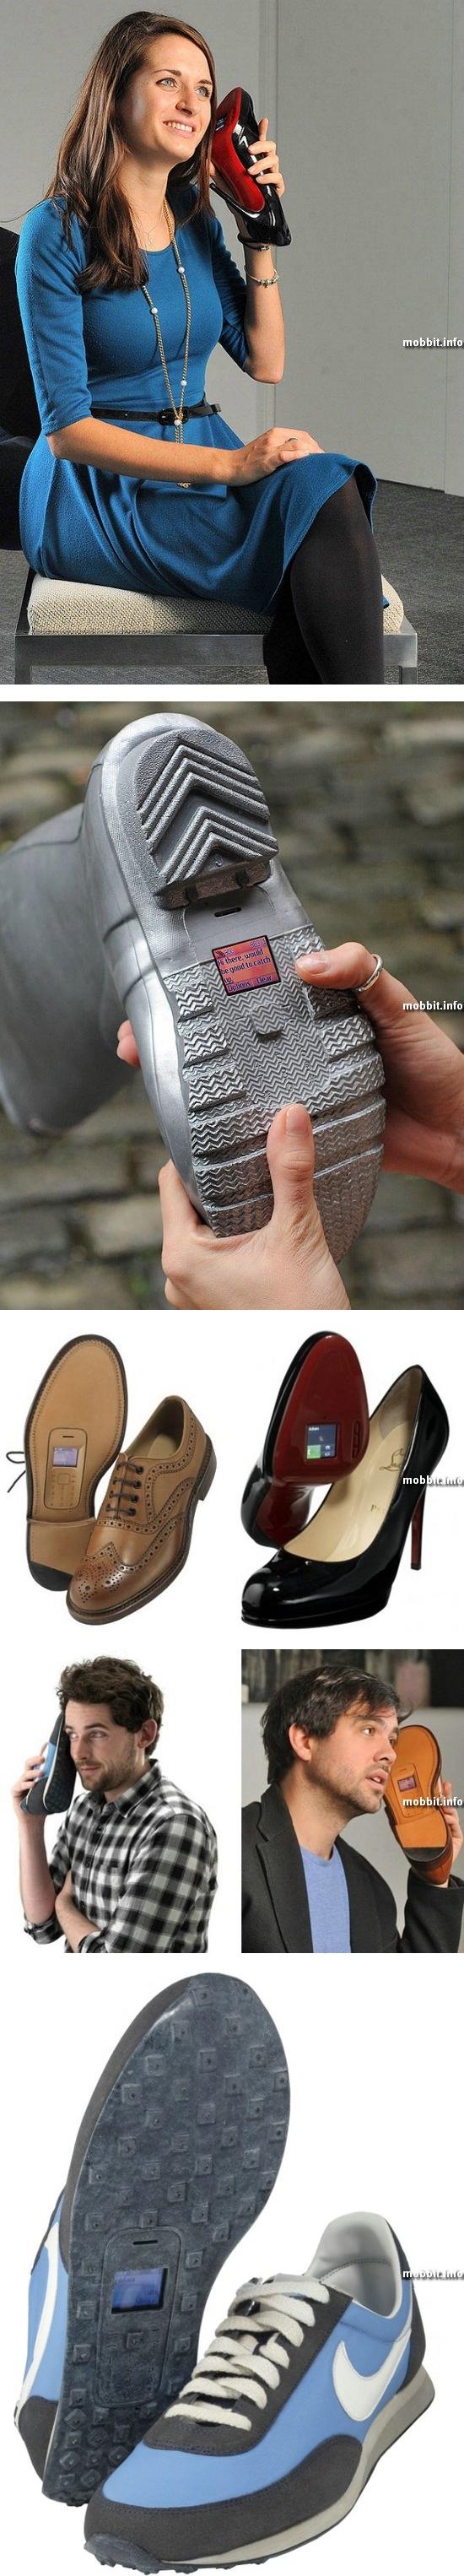 Туфли-телефон